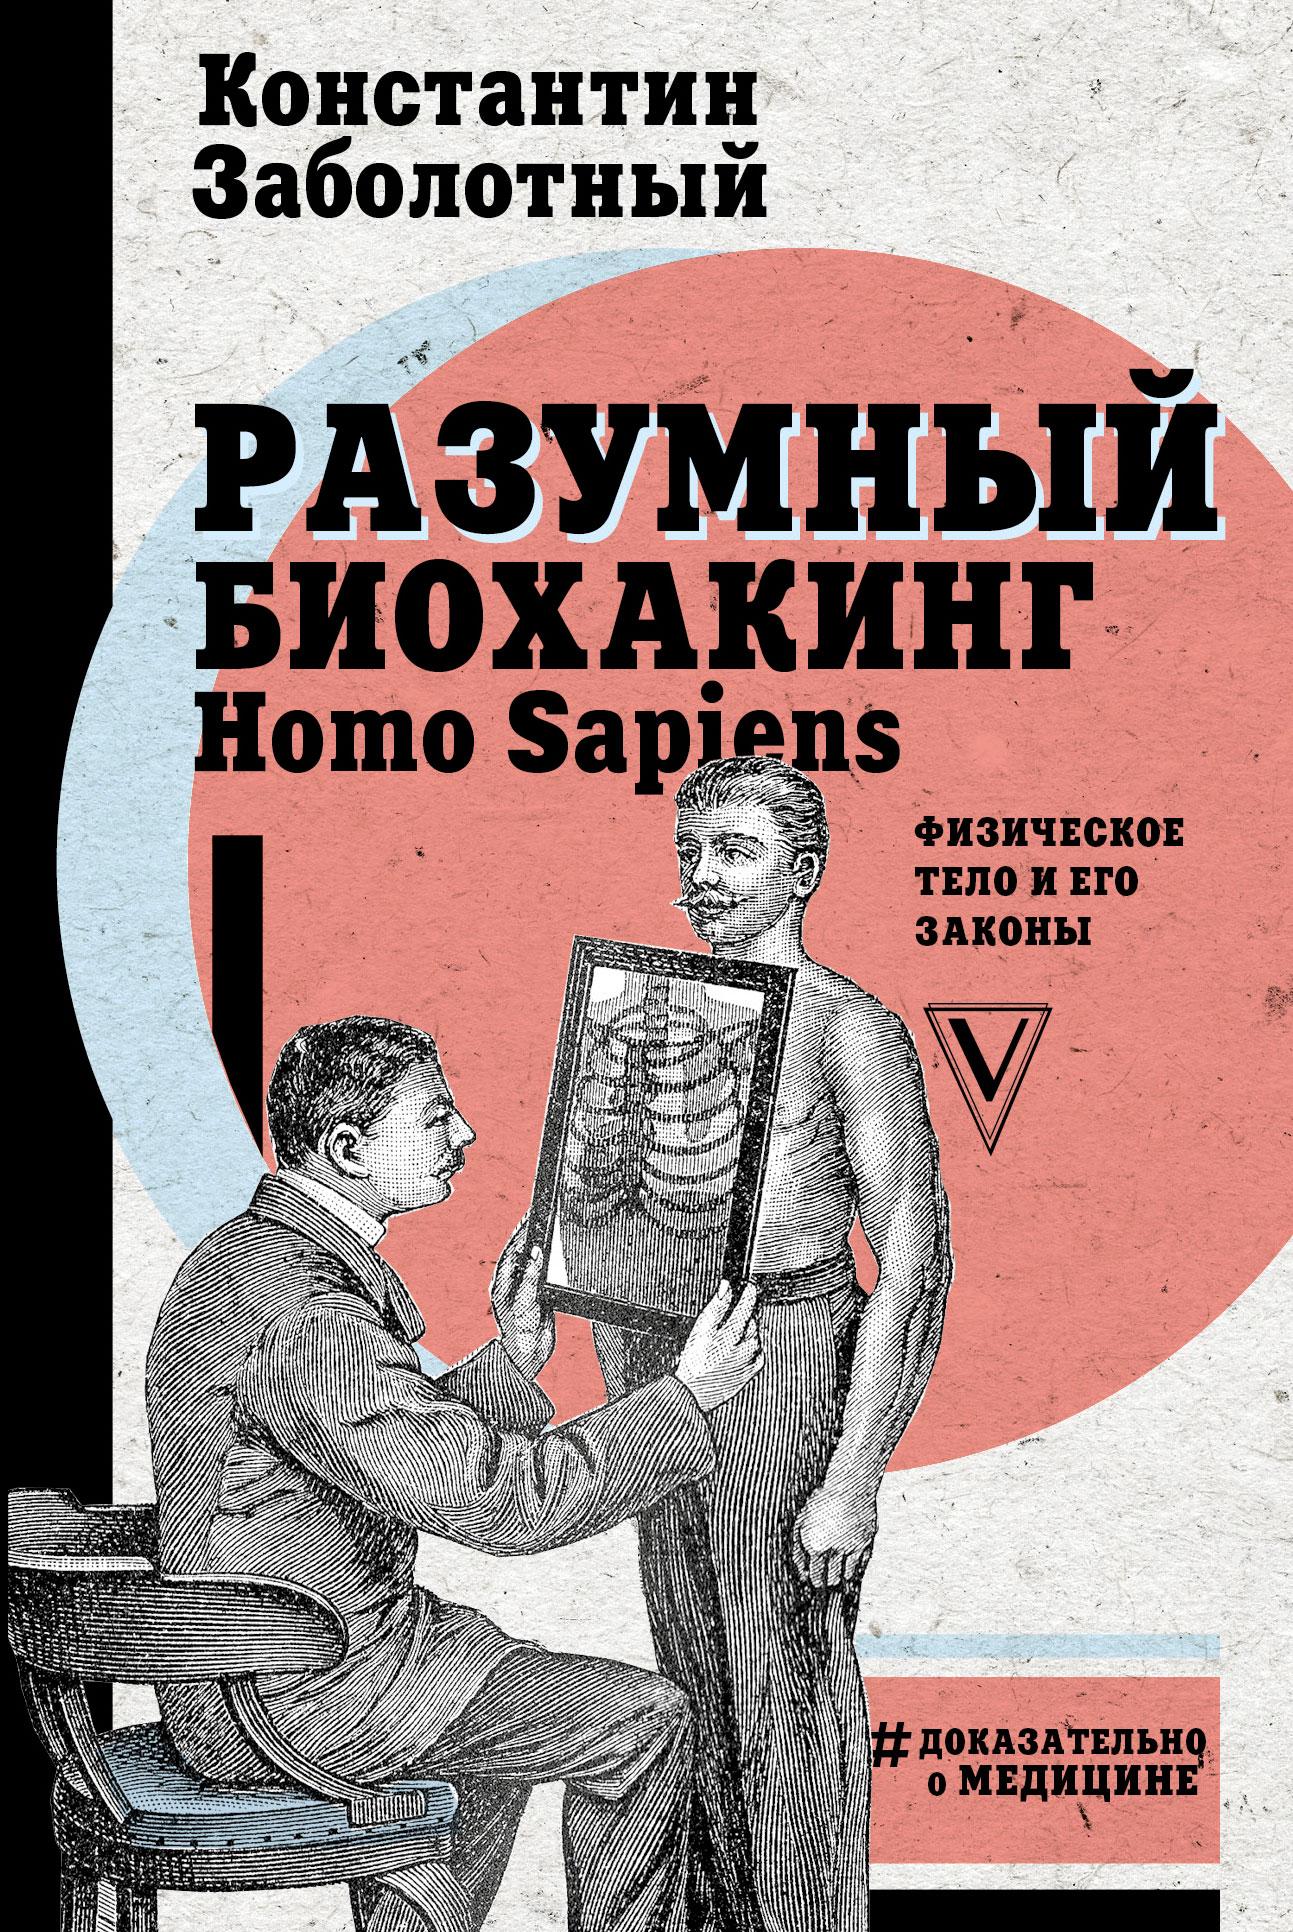 Константин Заболотный «Разумный биохакинг Homo Sapiens: физическое тело и его законы»